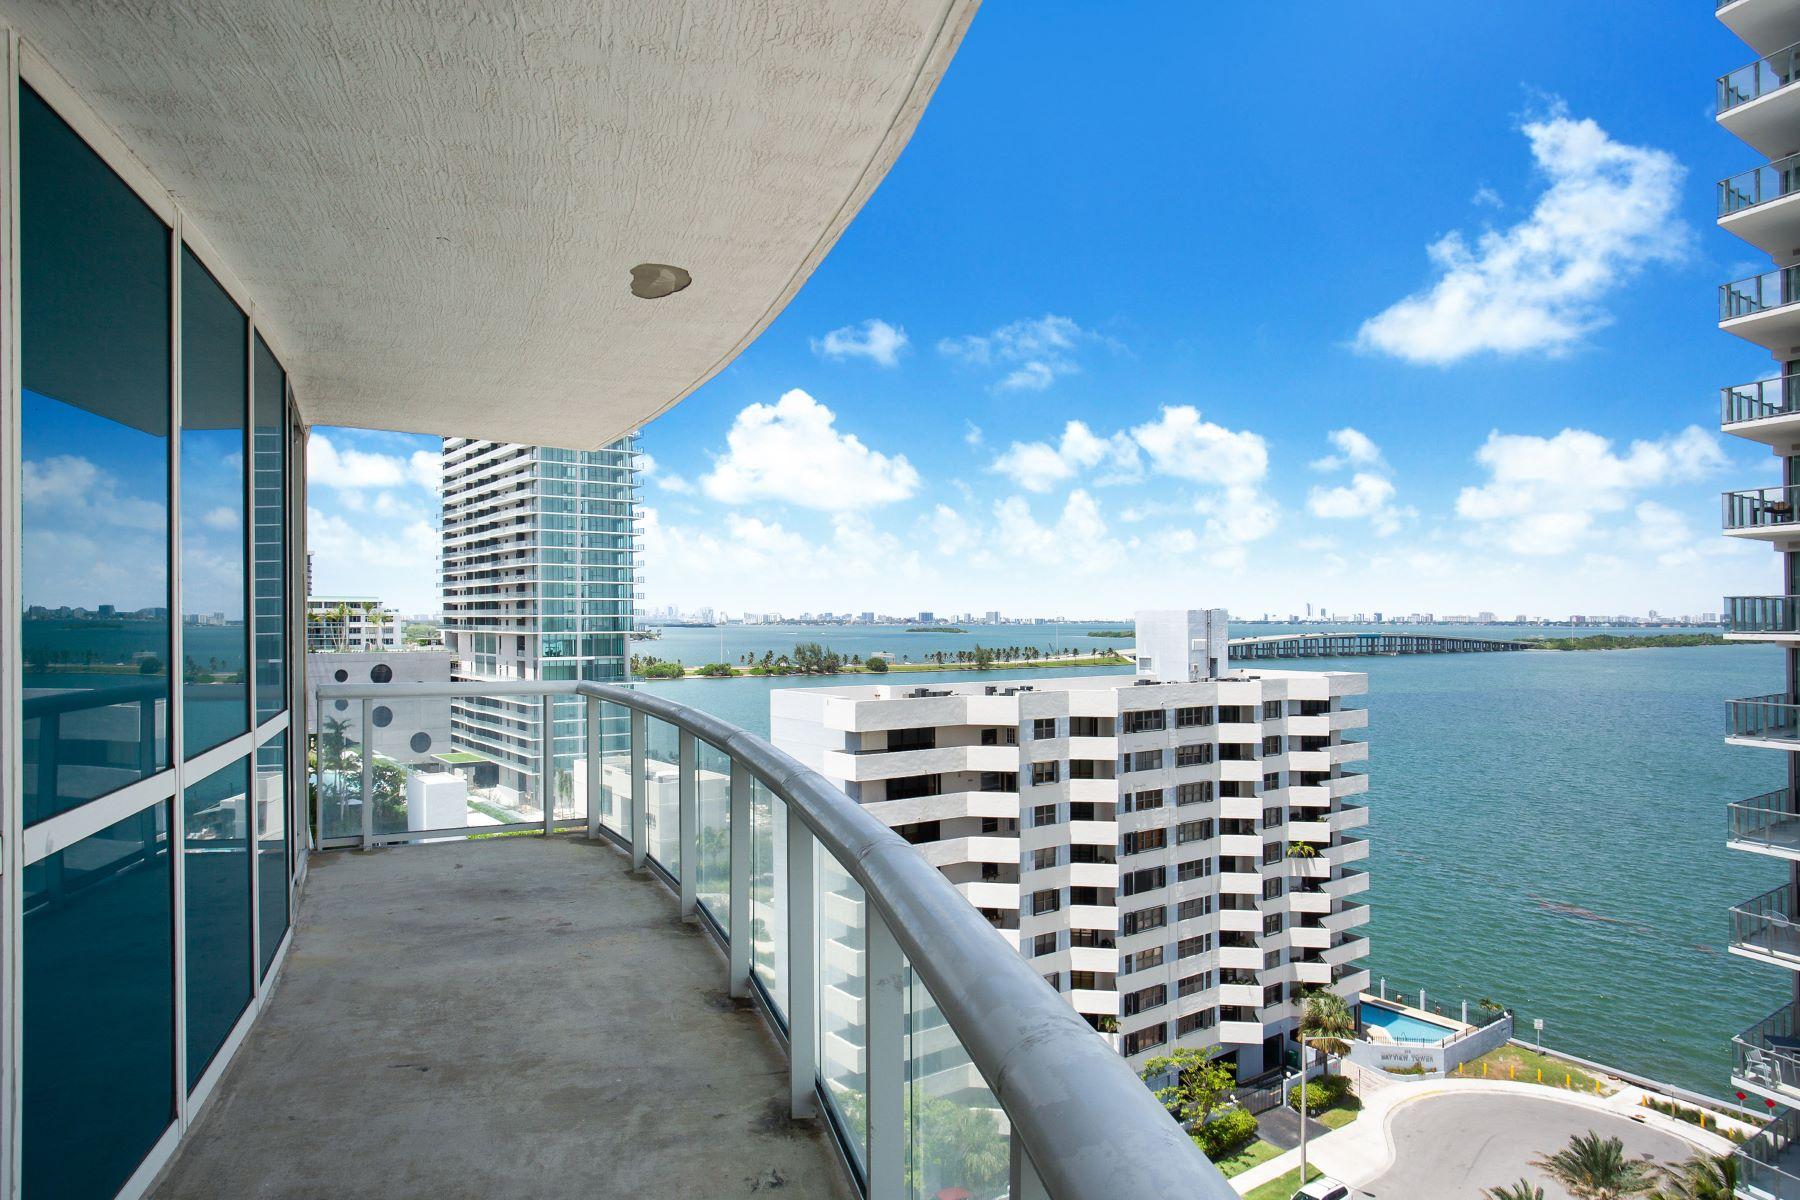 共管式独立产权公寓 为 出租 在 480 Ne 30th St #1101 480 Ne 30th St 1101 迈阿密, 佛罗里达州 33137 美国